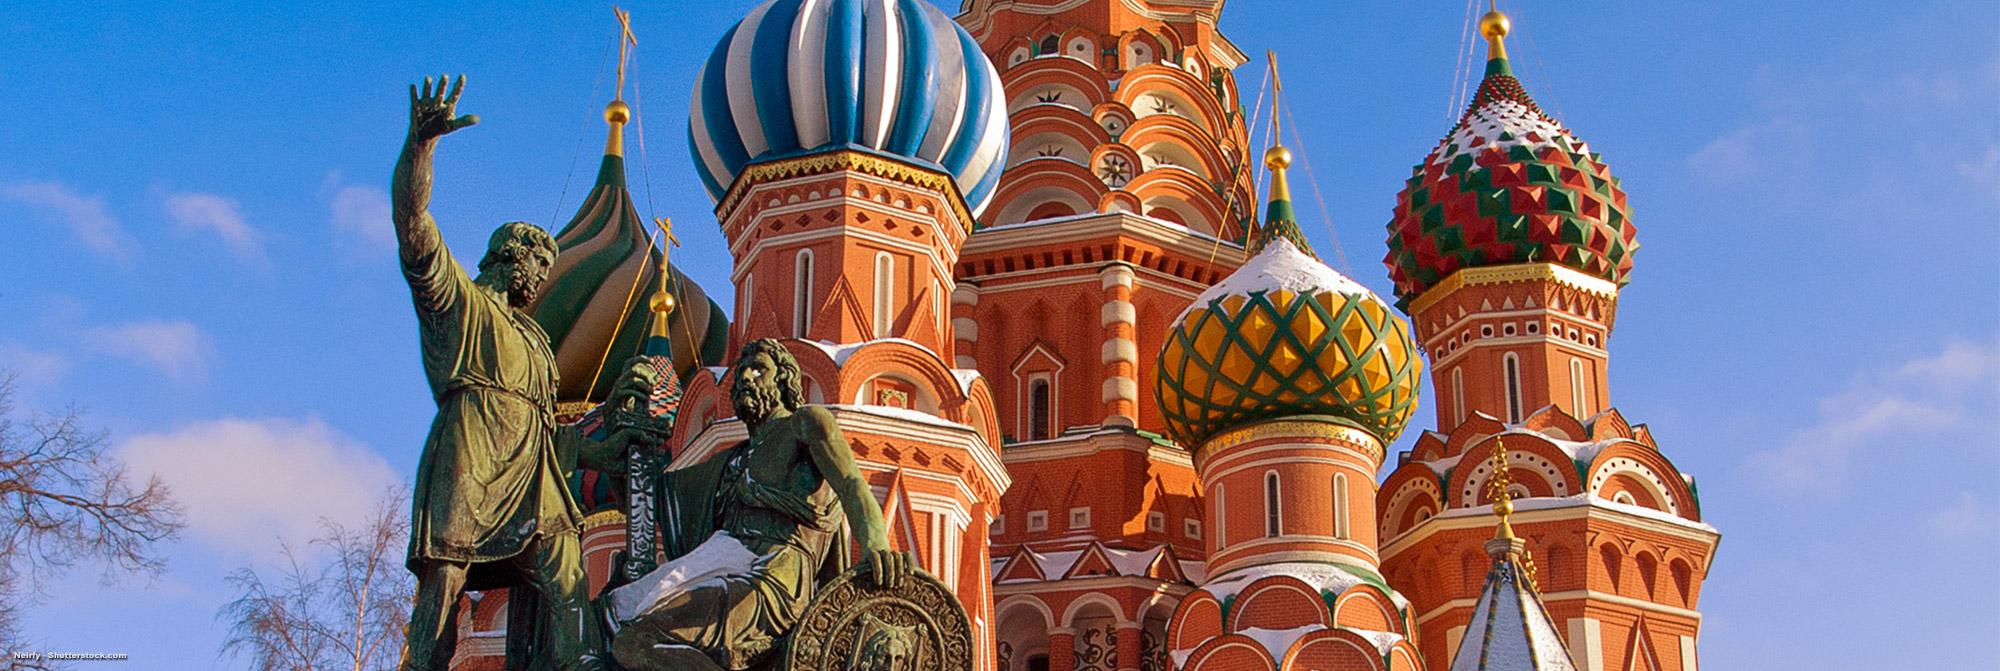 Escuelas de ruso en Moscú